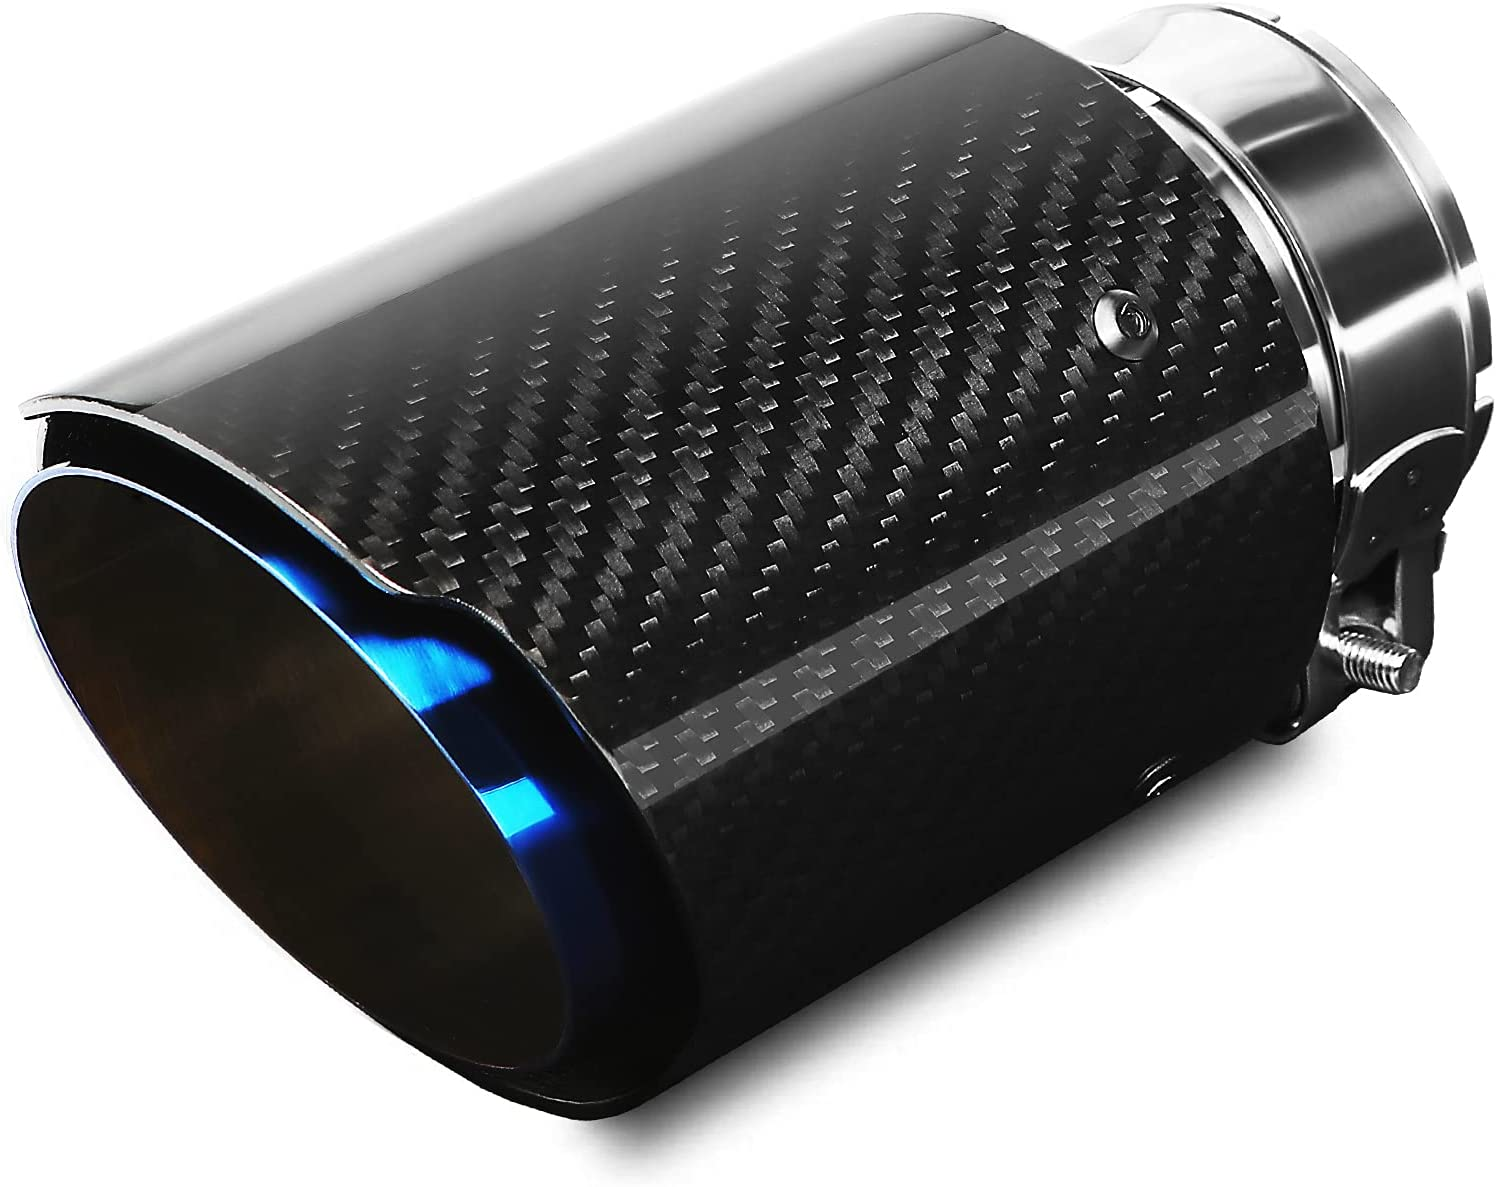 Puntas de Escape Silenciador Acero Inoxidable y fibra de Carbono Brillante Tubo del Extremo de Escape del Automóvil, Entrada 63 mm (2.5